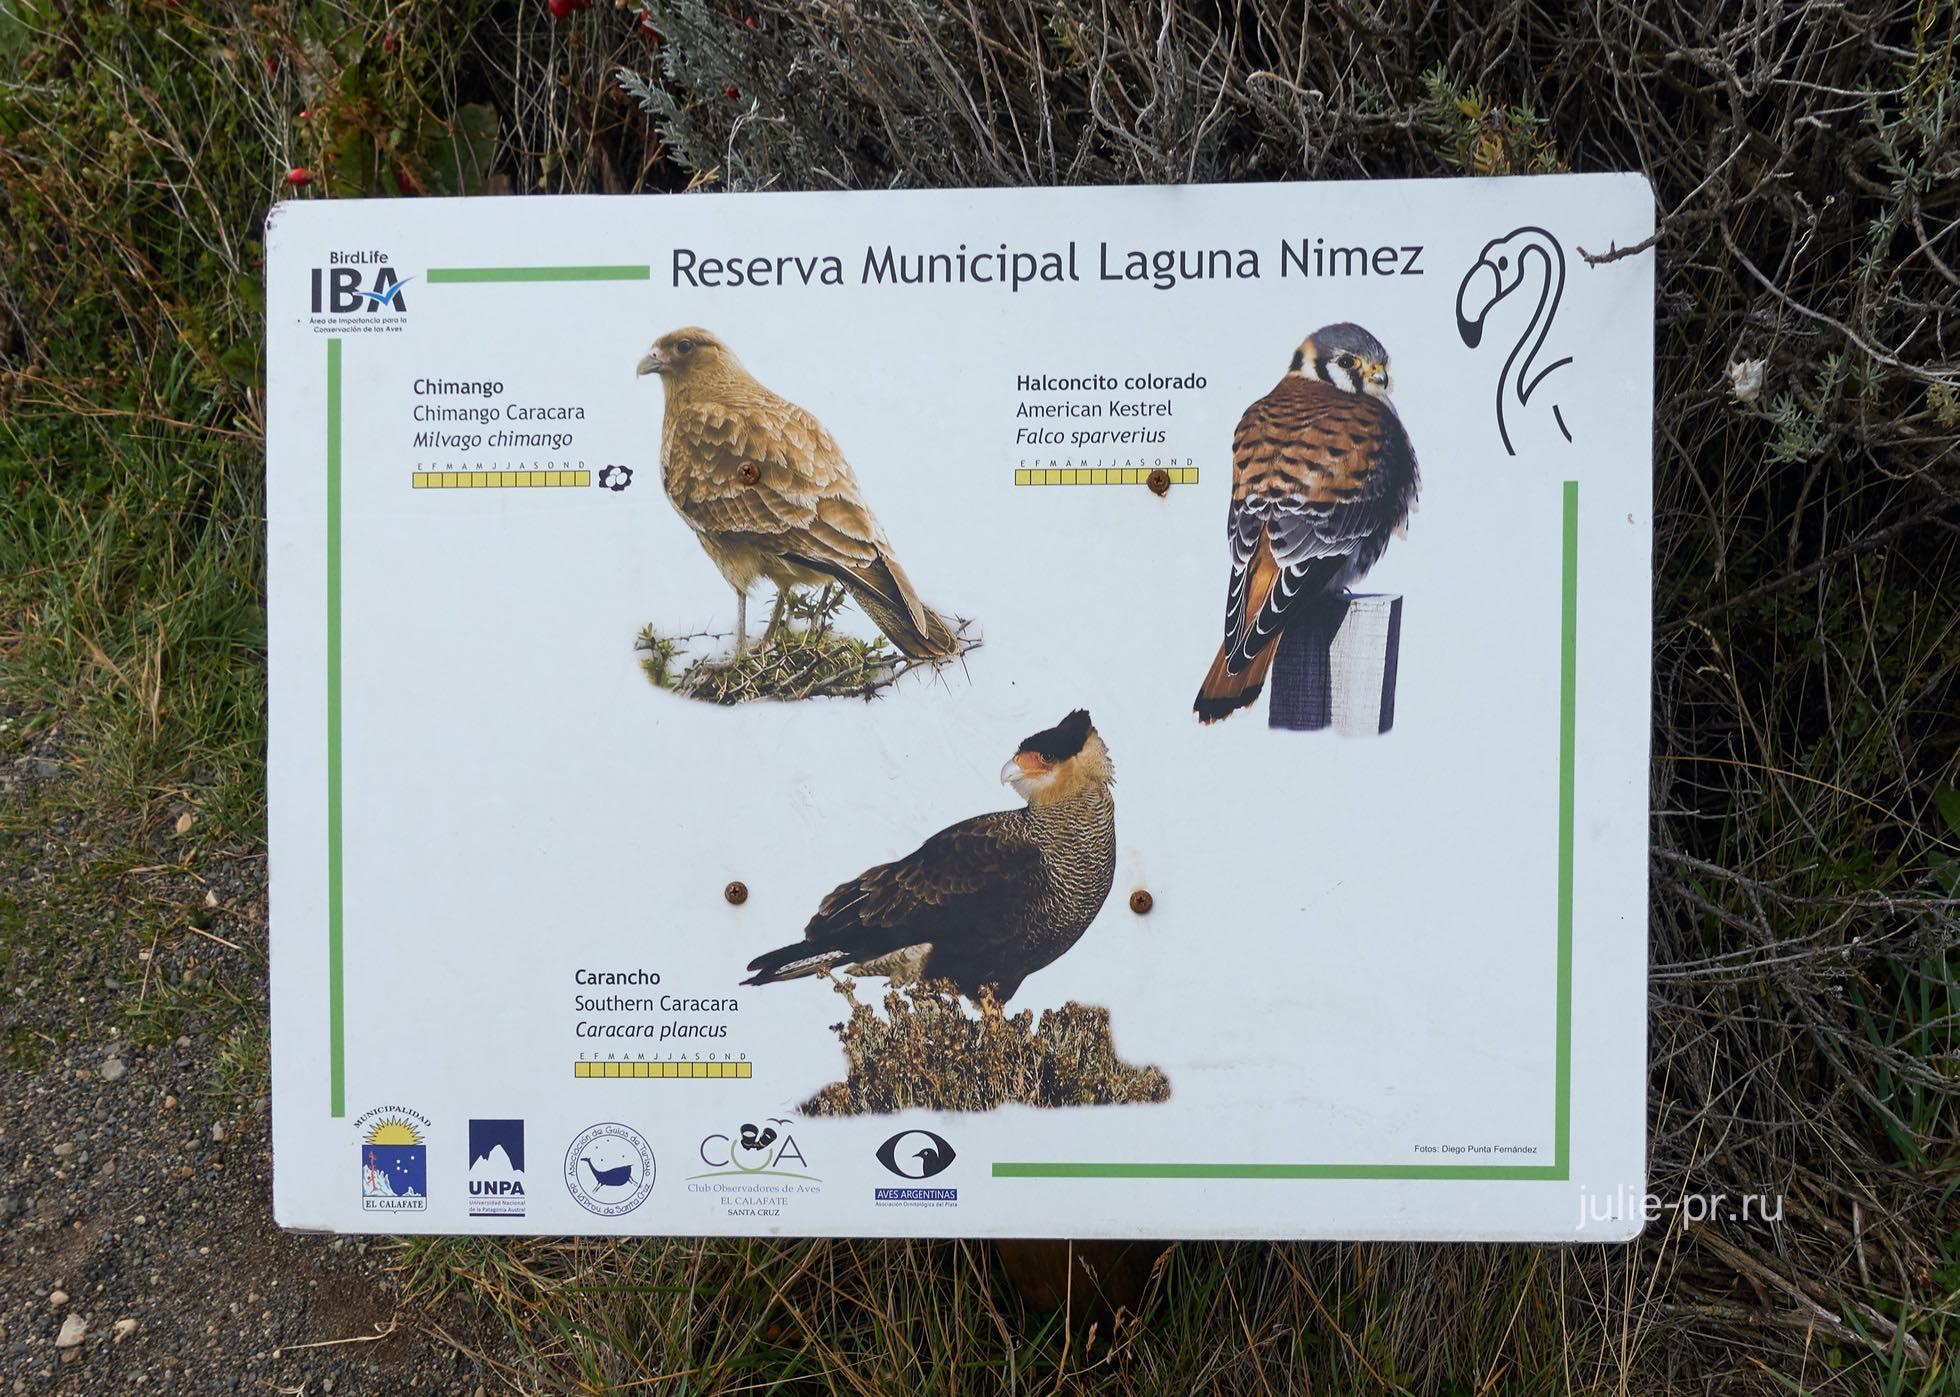 Аргентина, Патагония, Эль-Калафате, лагуна Нимез, птицы